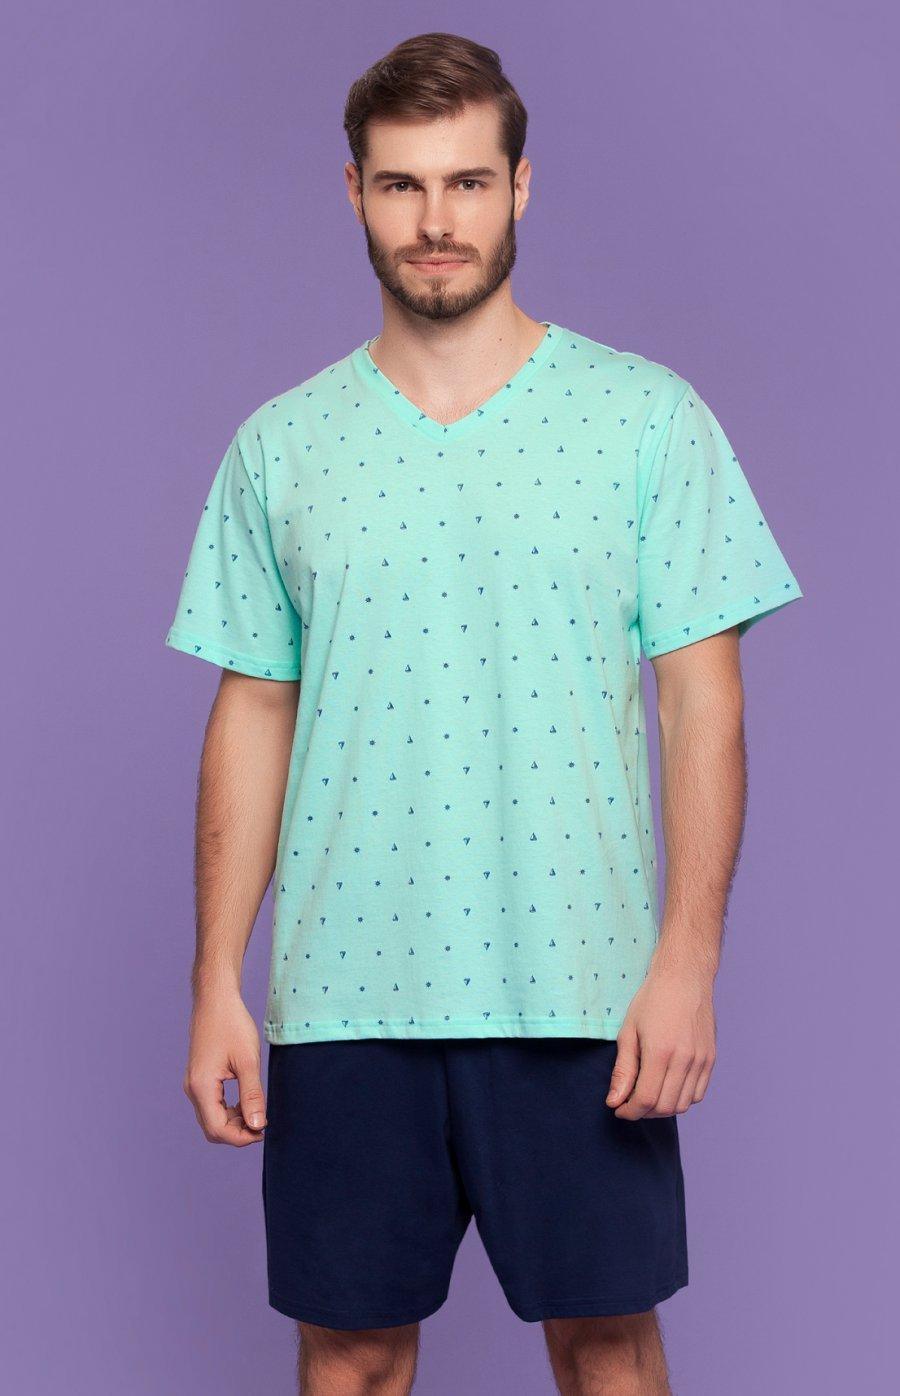 Pijama Masculino Eu Quero Praia Verão 2018